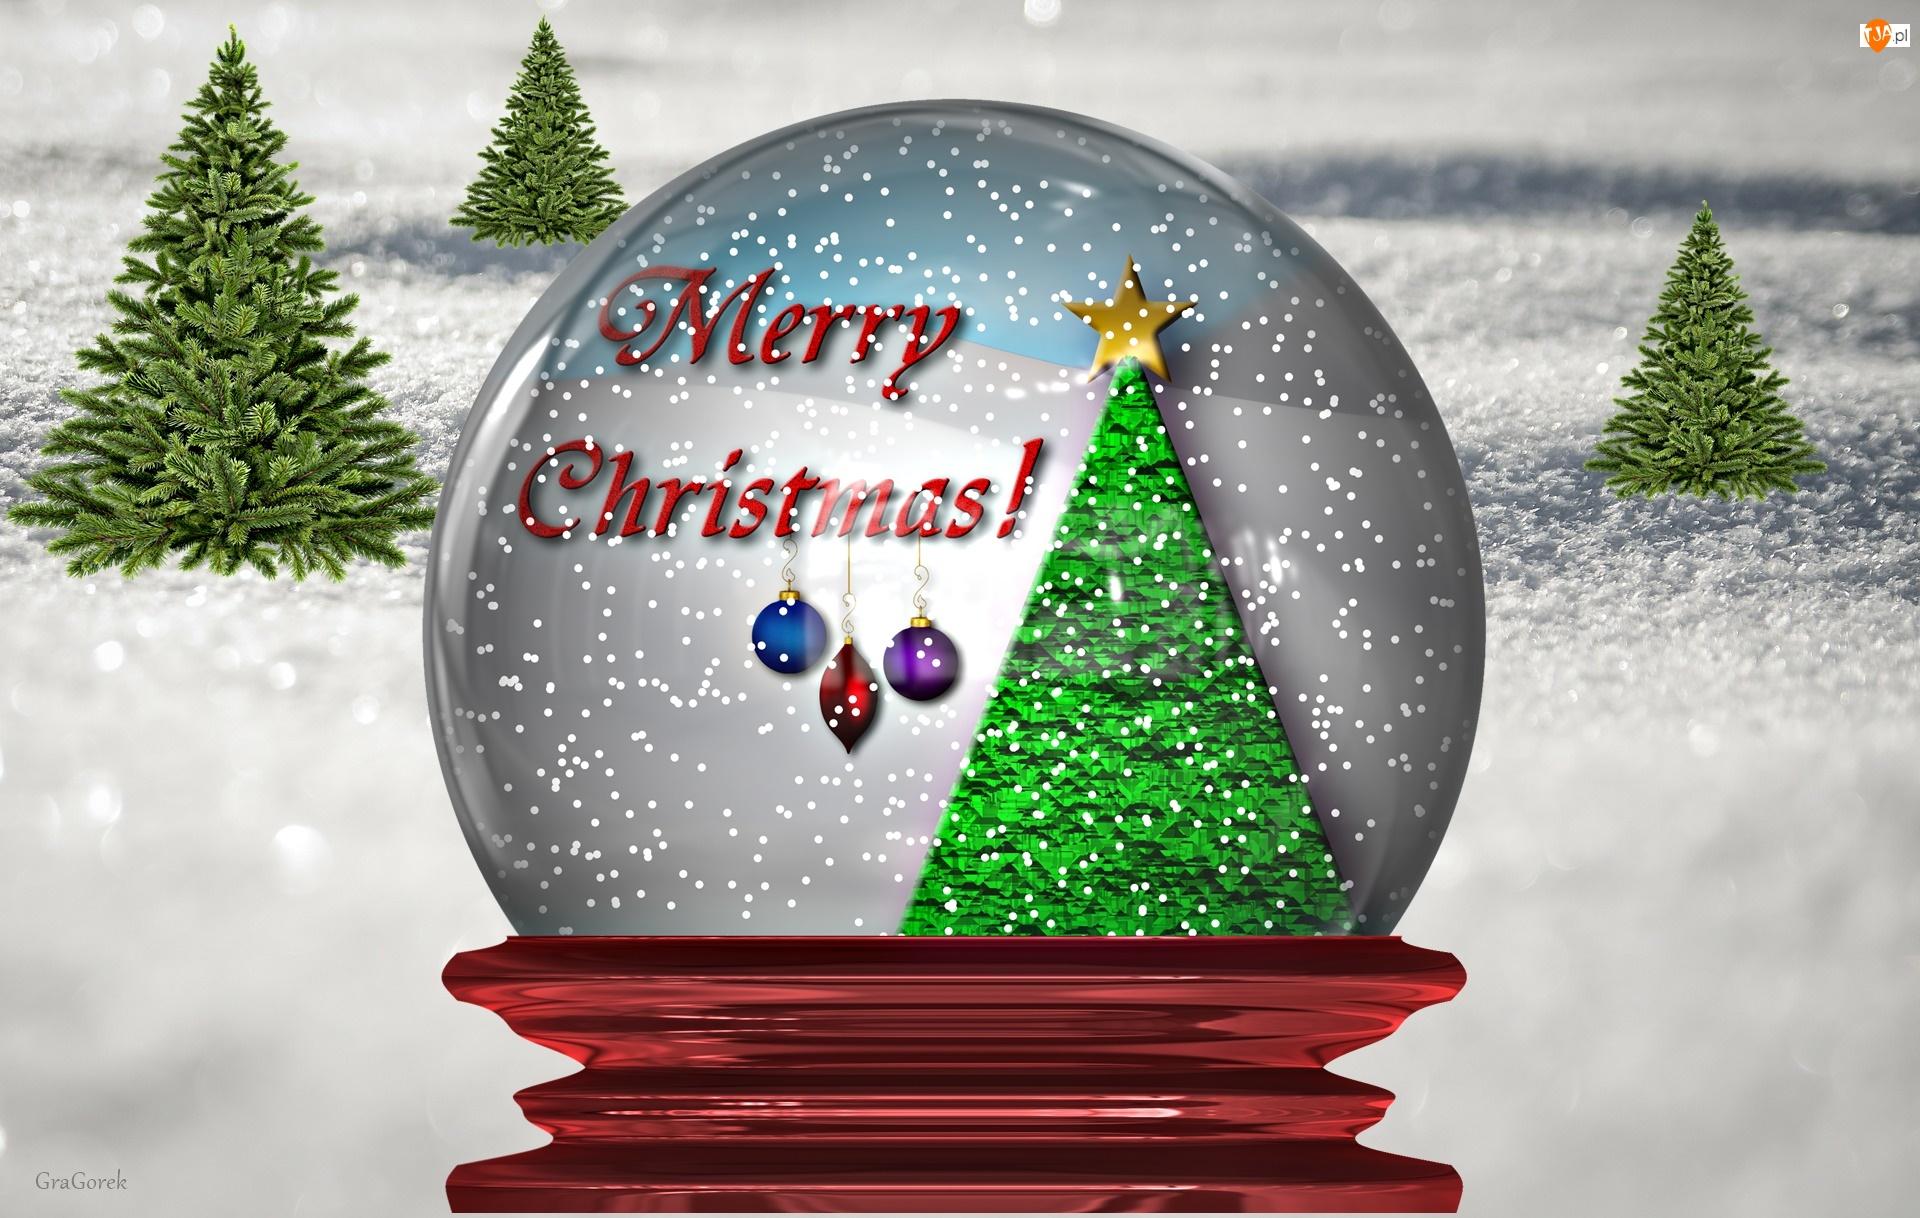 Kula, Świąteczna, Zima, Dekoracja, Śnieżna, Życzenia